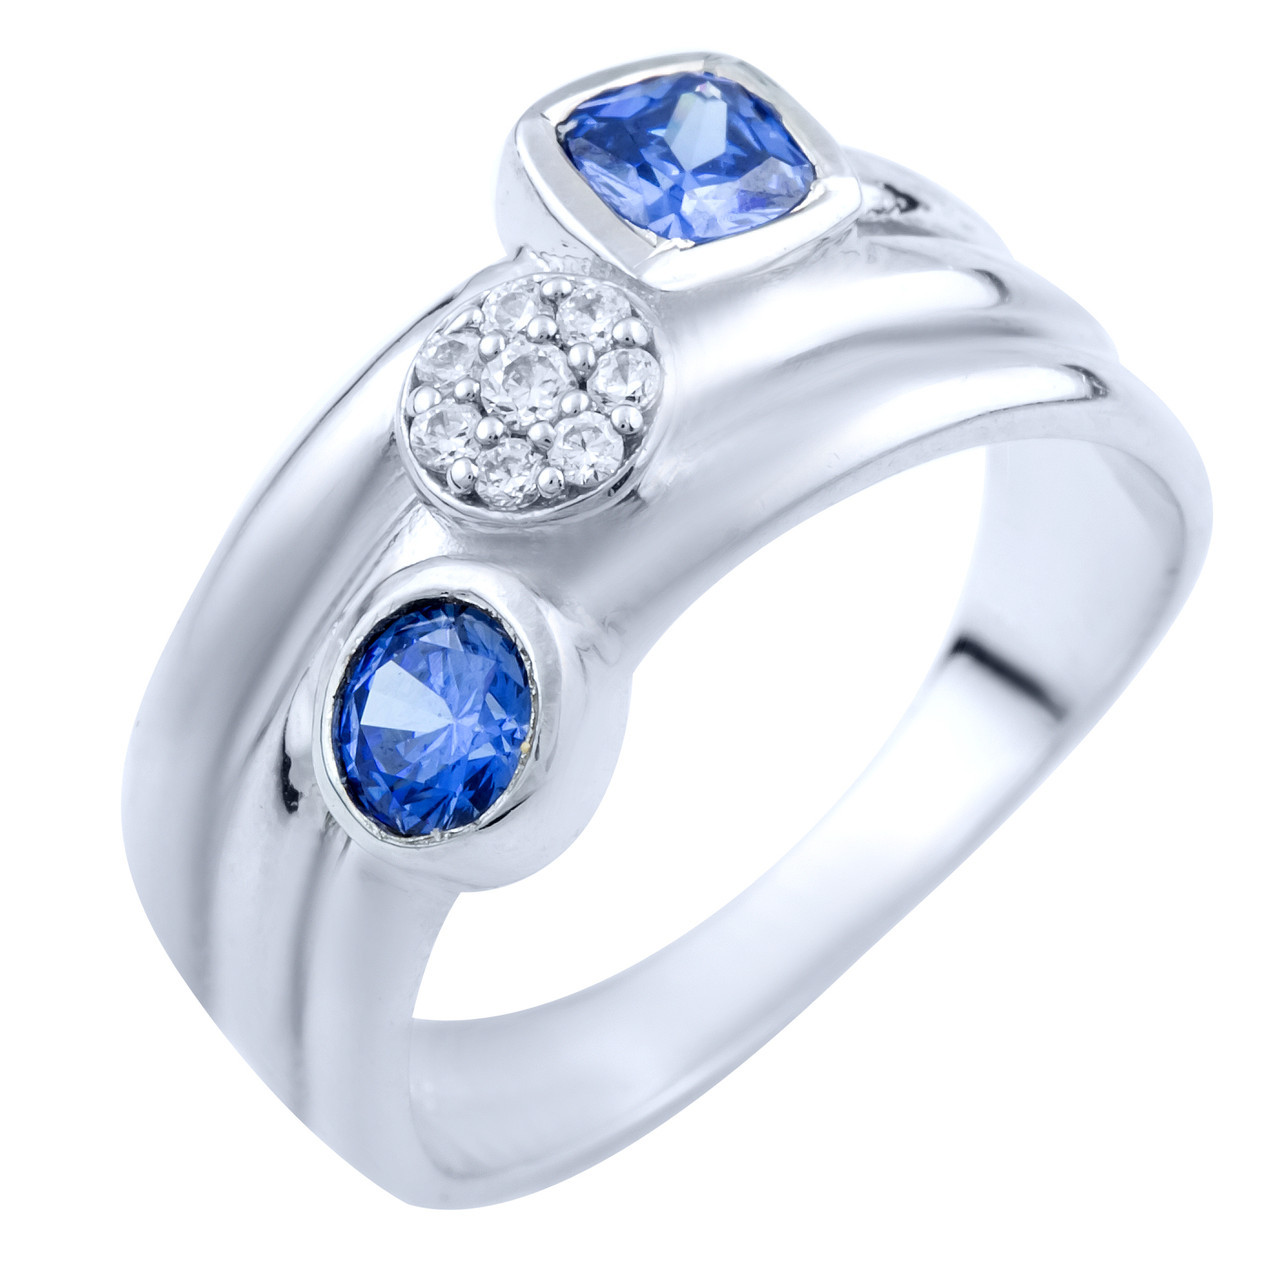 Родированное серебряное кольцо 925 пробы с танзанитом nano